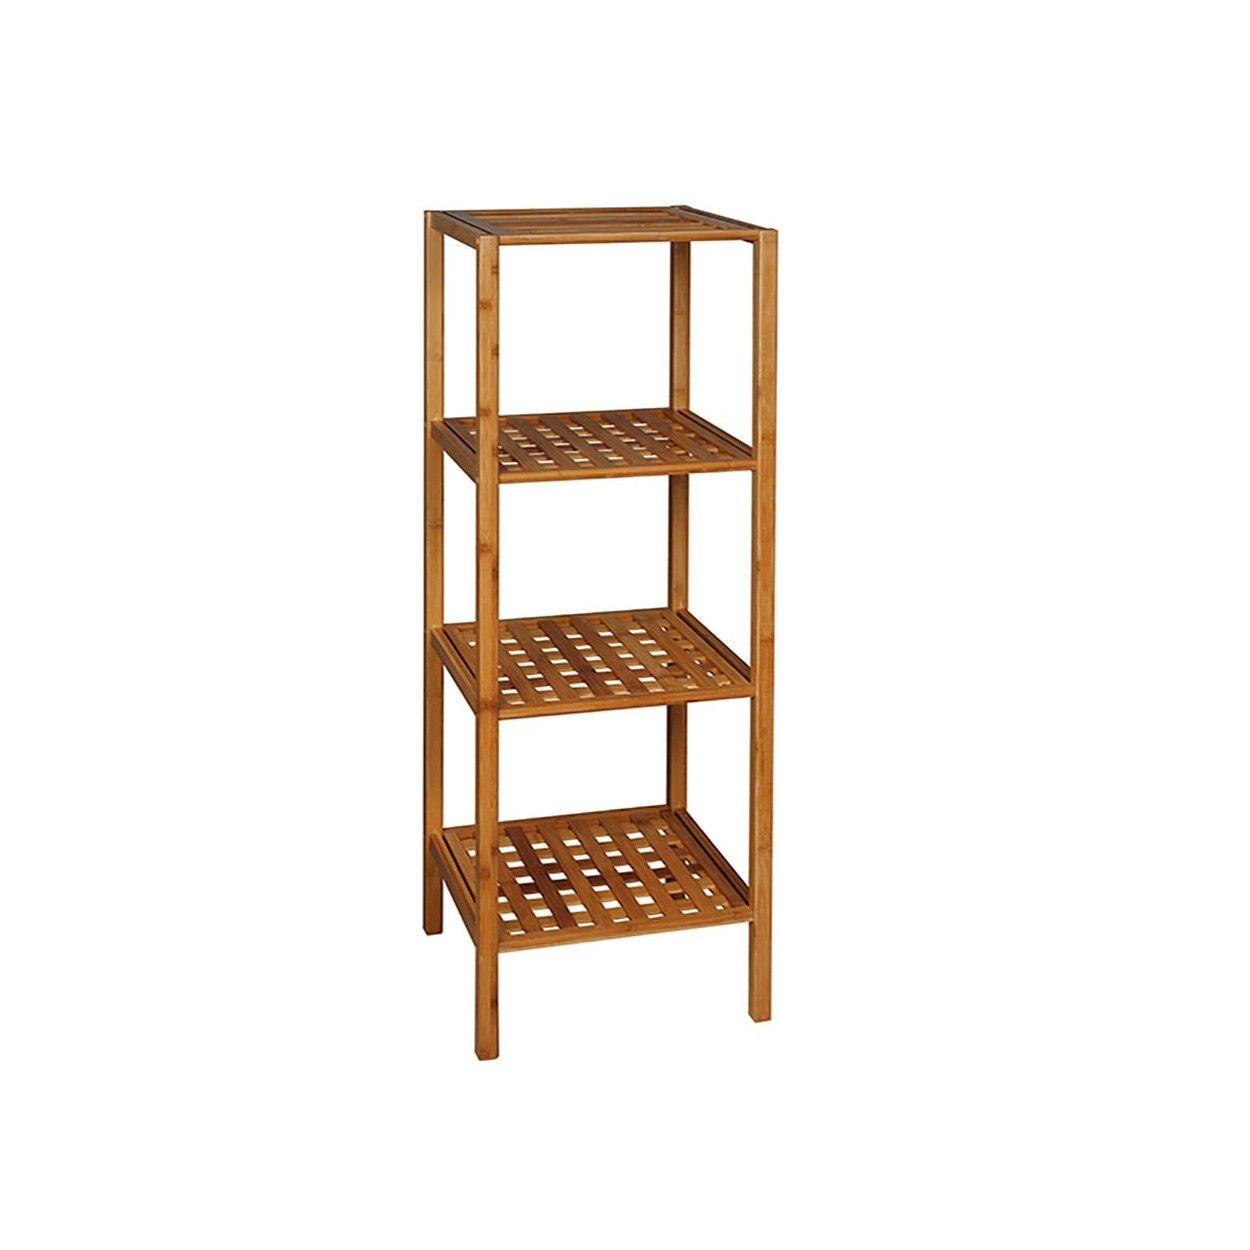 Estanter a de bamb 37 x 33 x 110cm hogar y m s for Estanterias de bambu para bano